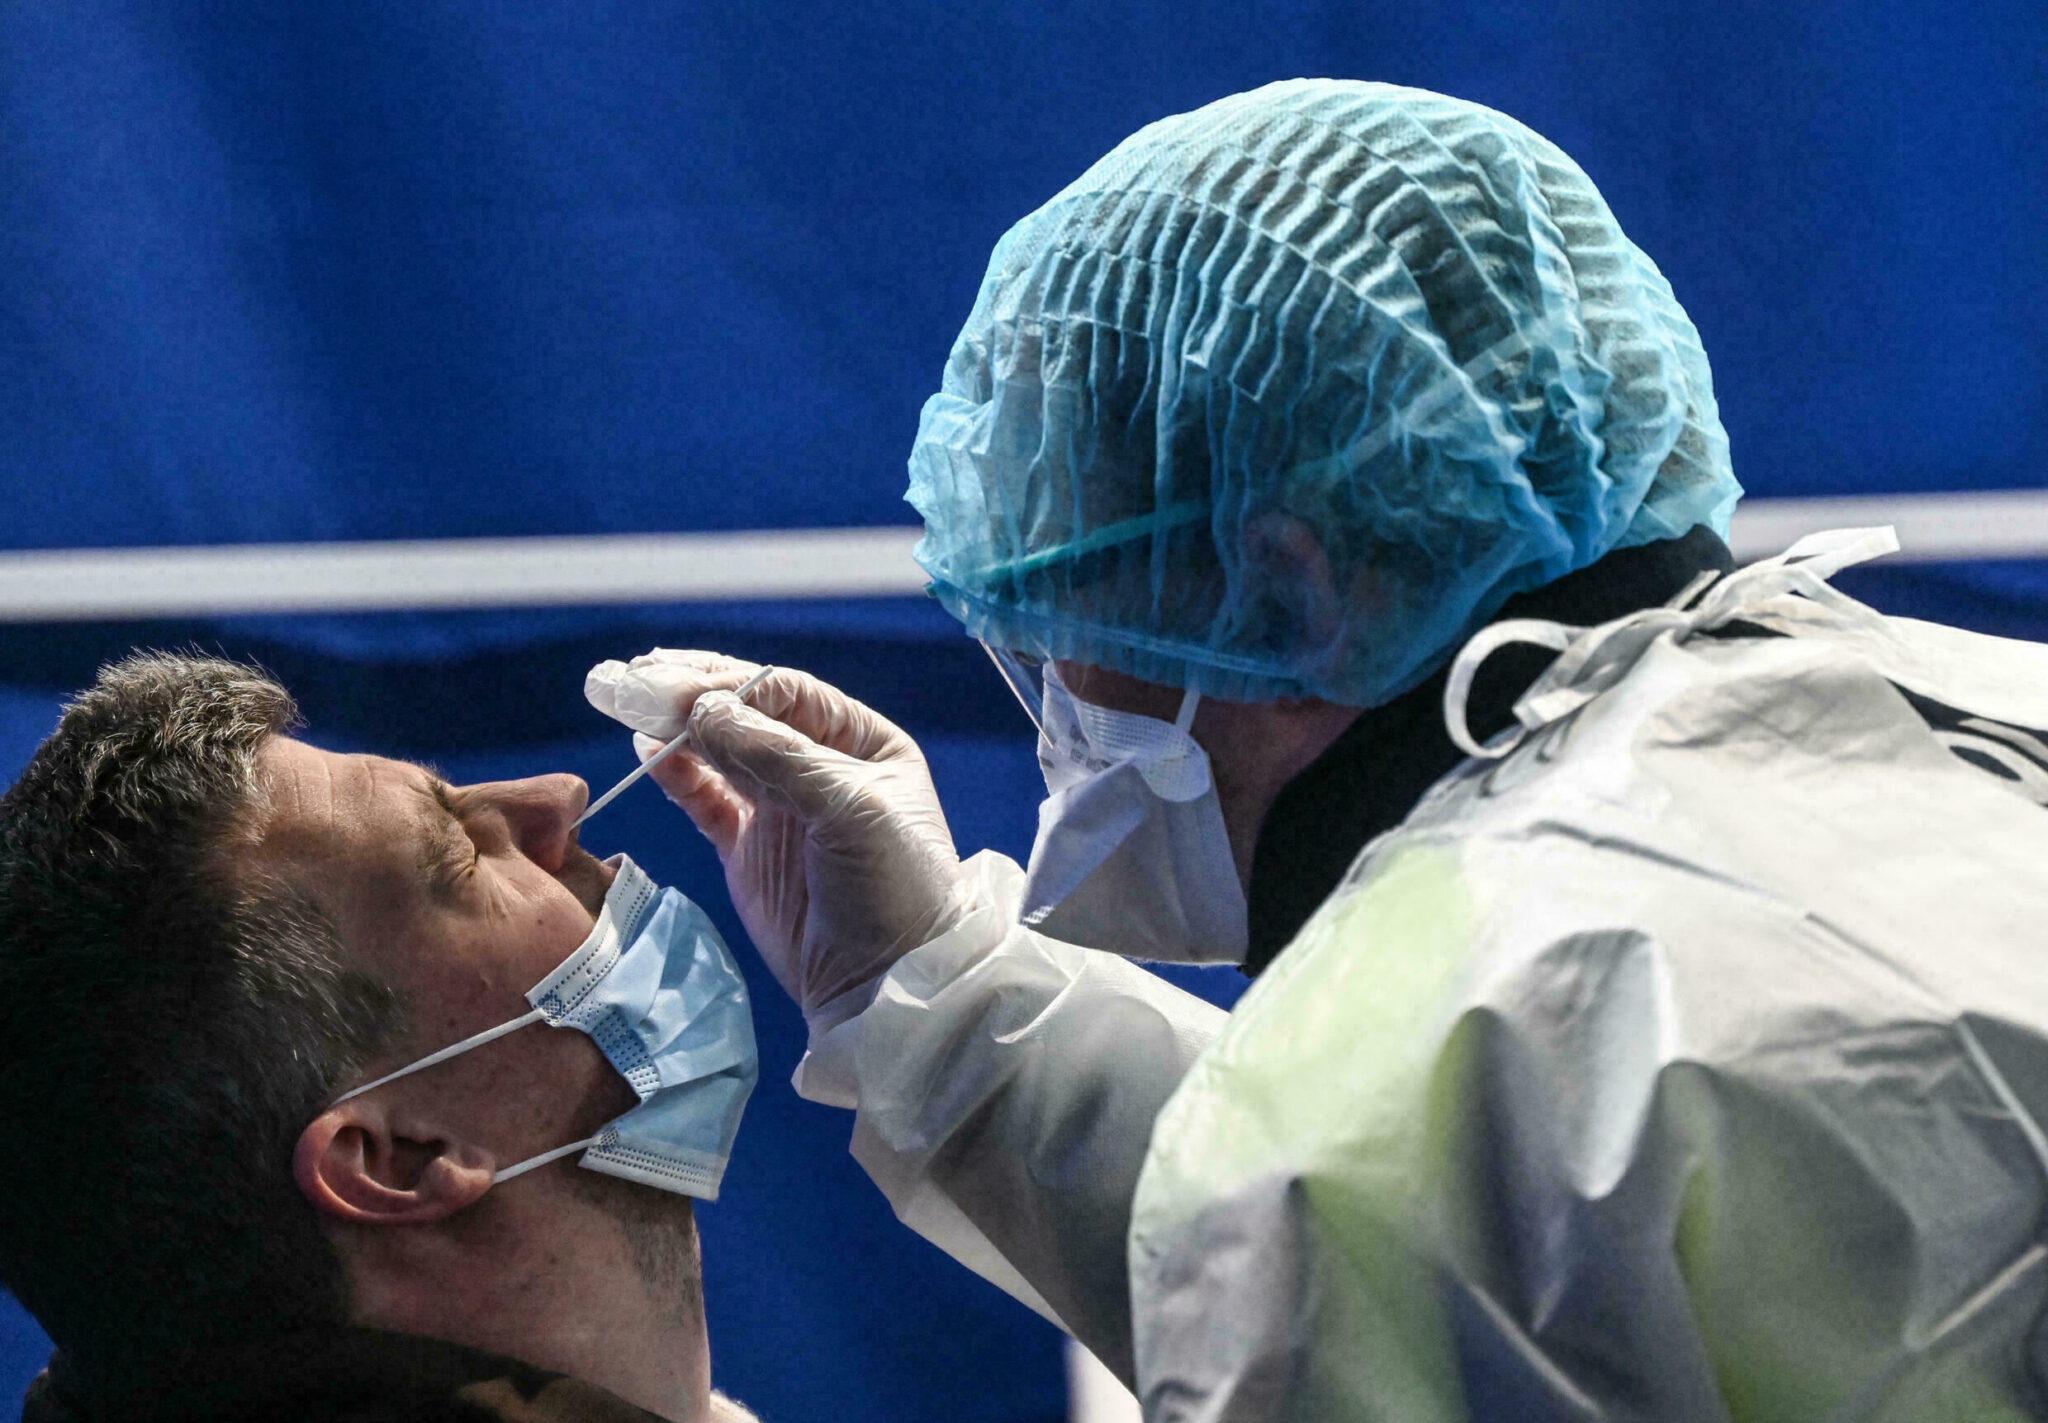 فيروس كورونا بالمغرب: تسجيل 169 إصابة جديدة و 17 حالة وفاة